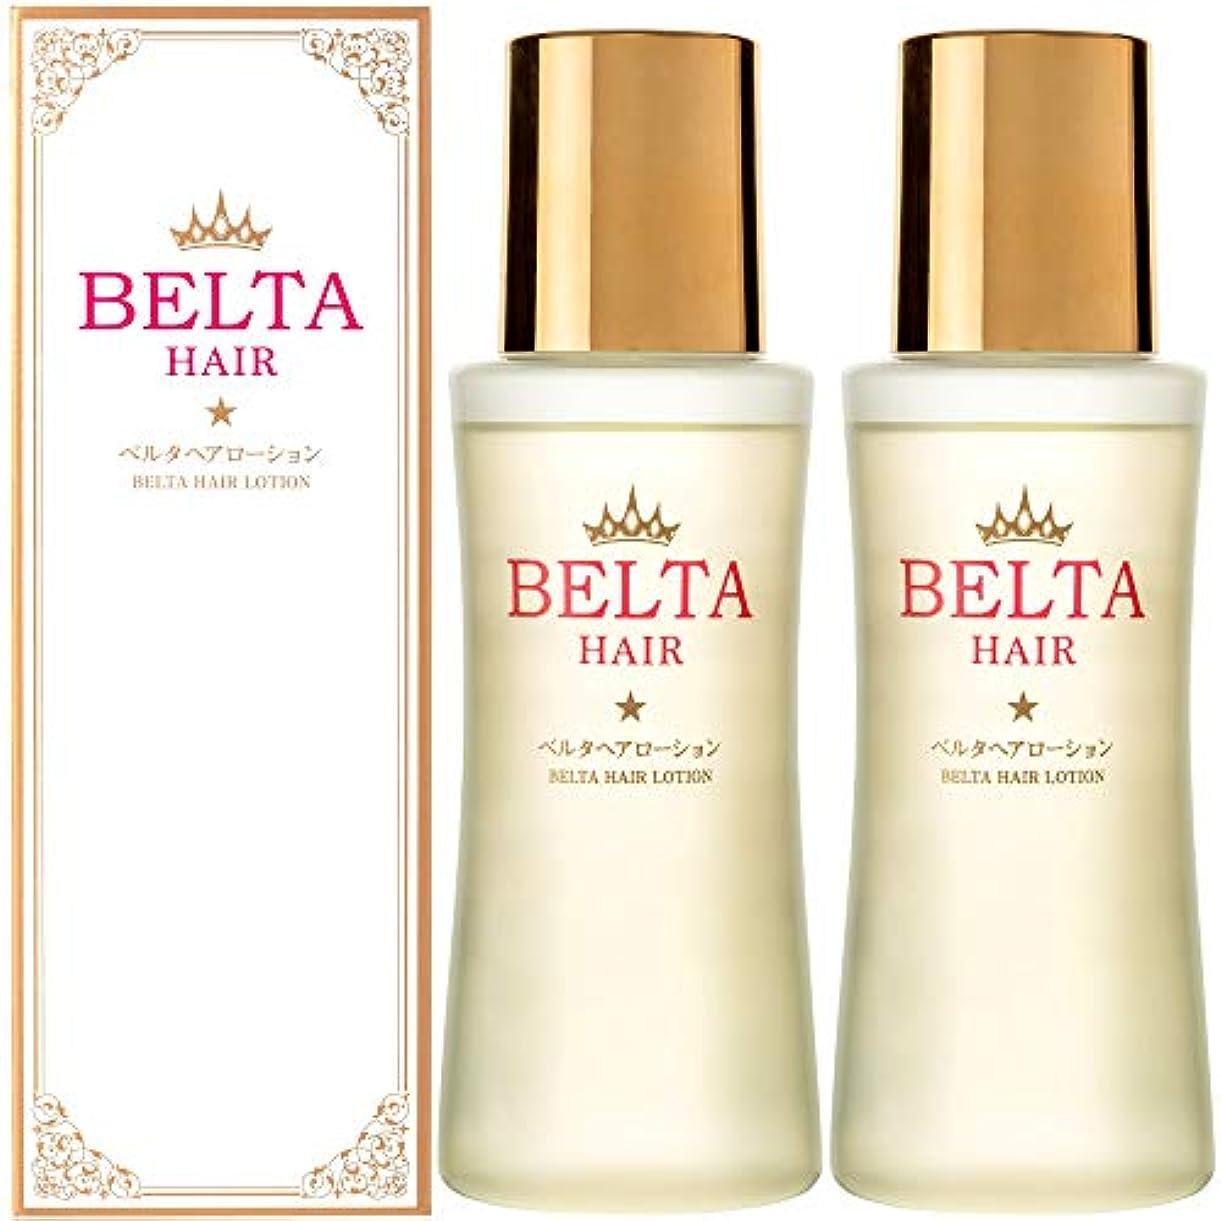 【医薬部外品】 BELTA 薬用ベルタヘアローション (2本セット) 女性用 薬用育毛剤 育毛剤 育毛 女性 抜け毛 ランキング